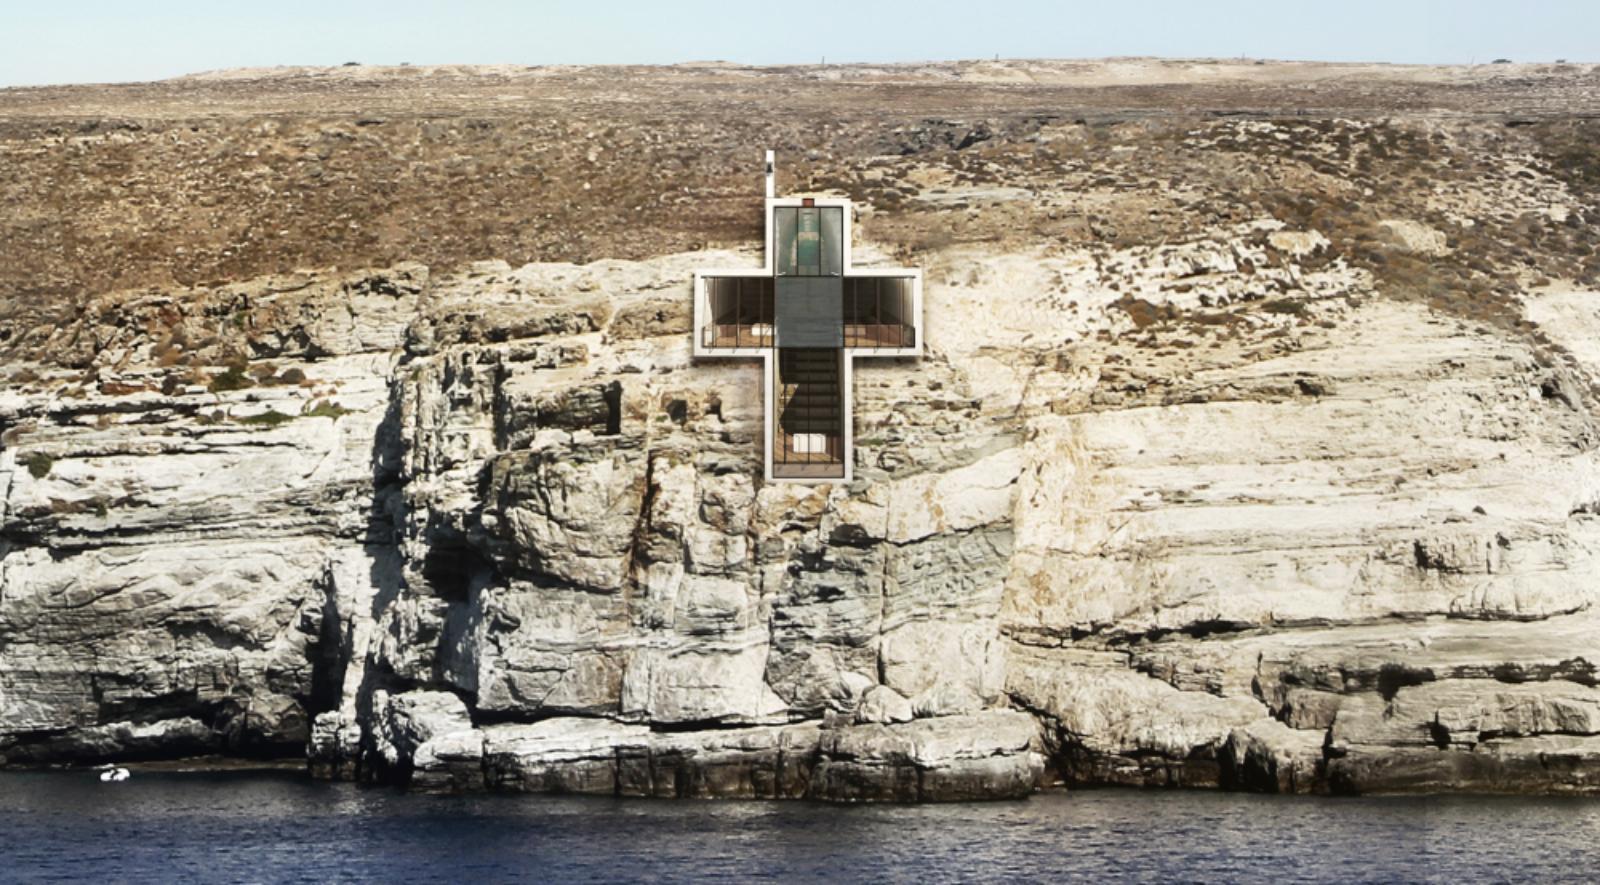 Lux Aeterna Holy Cross Chapel